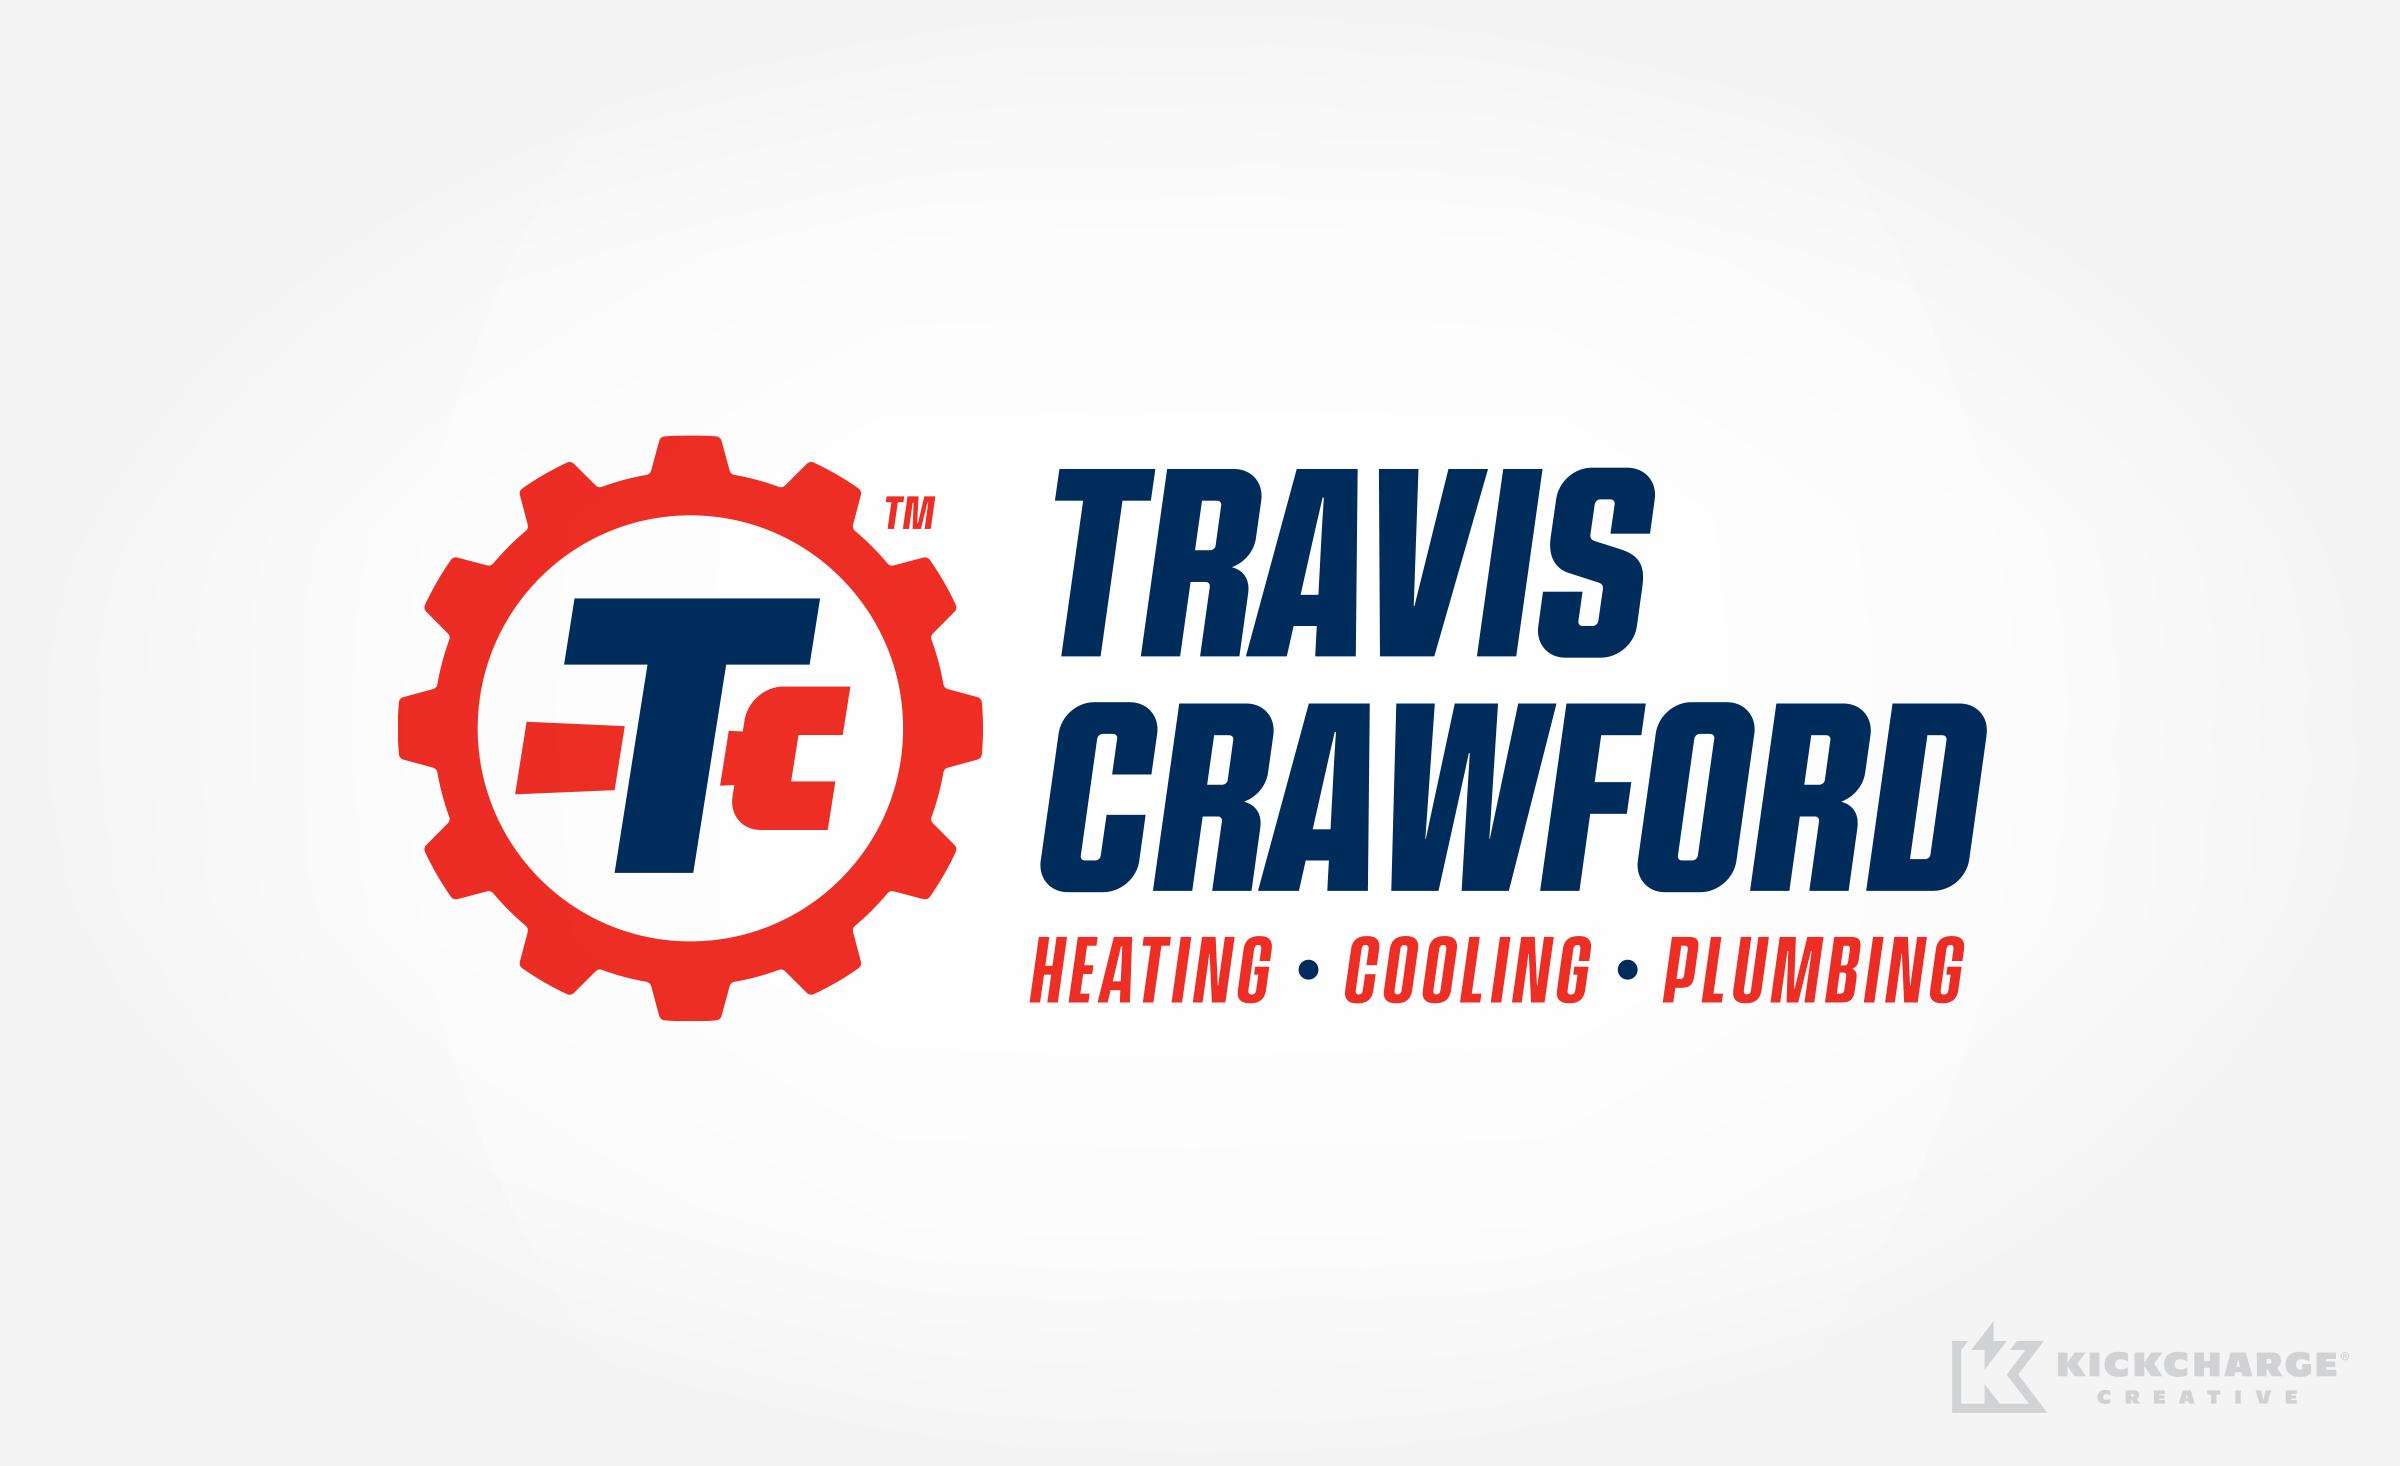 hvac and plumbing logo for Travis Crawford